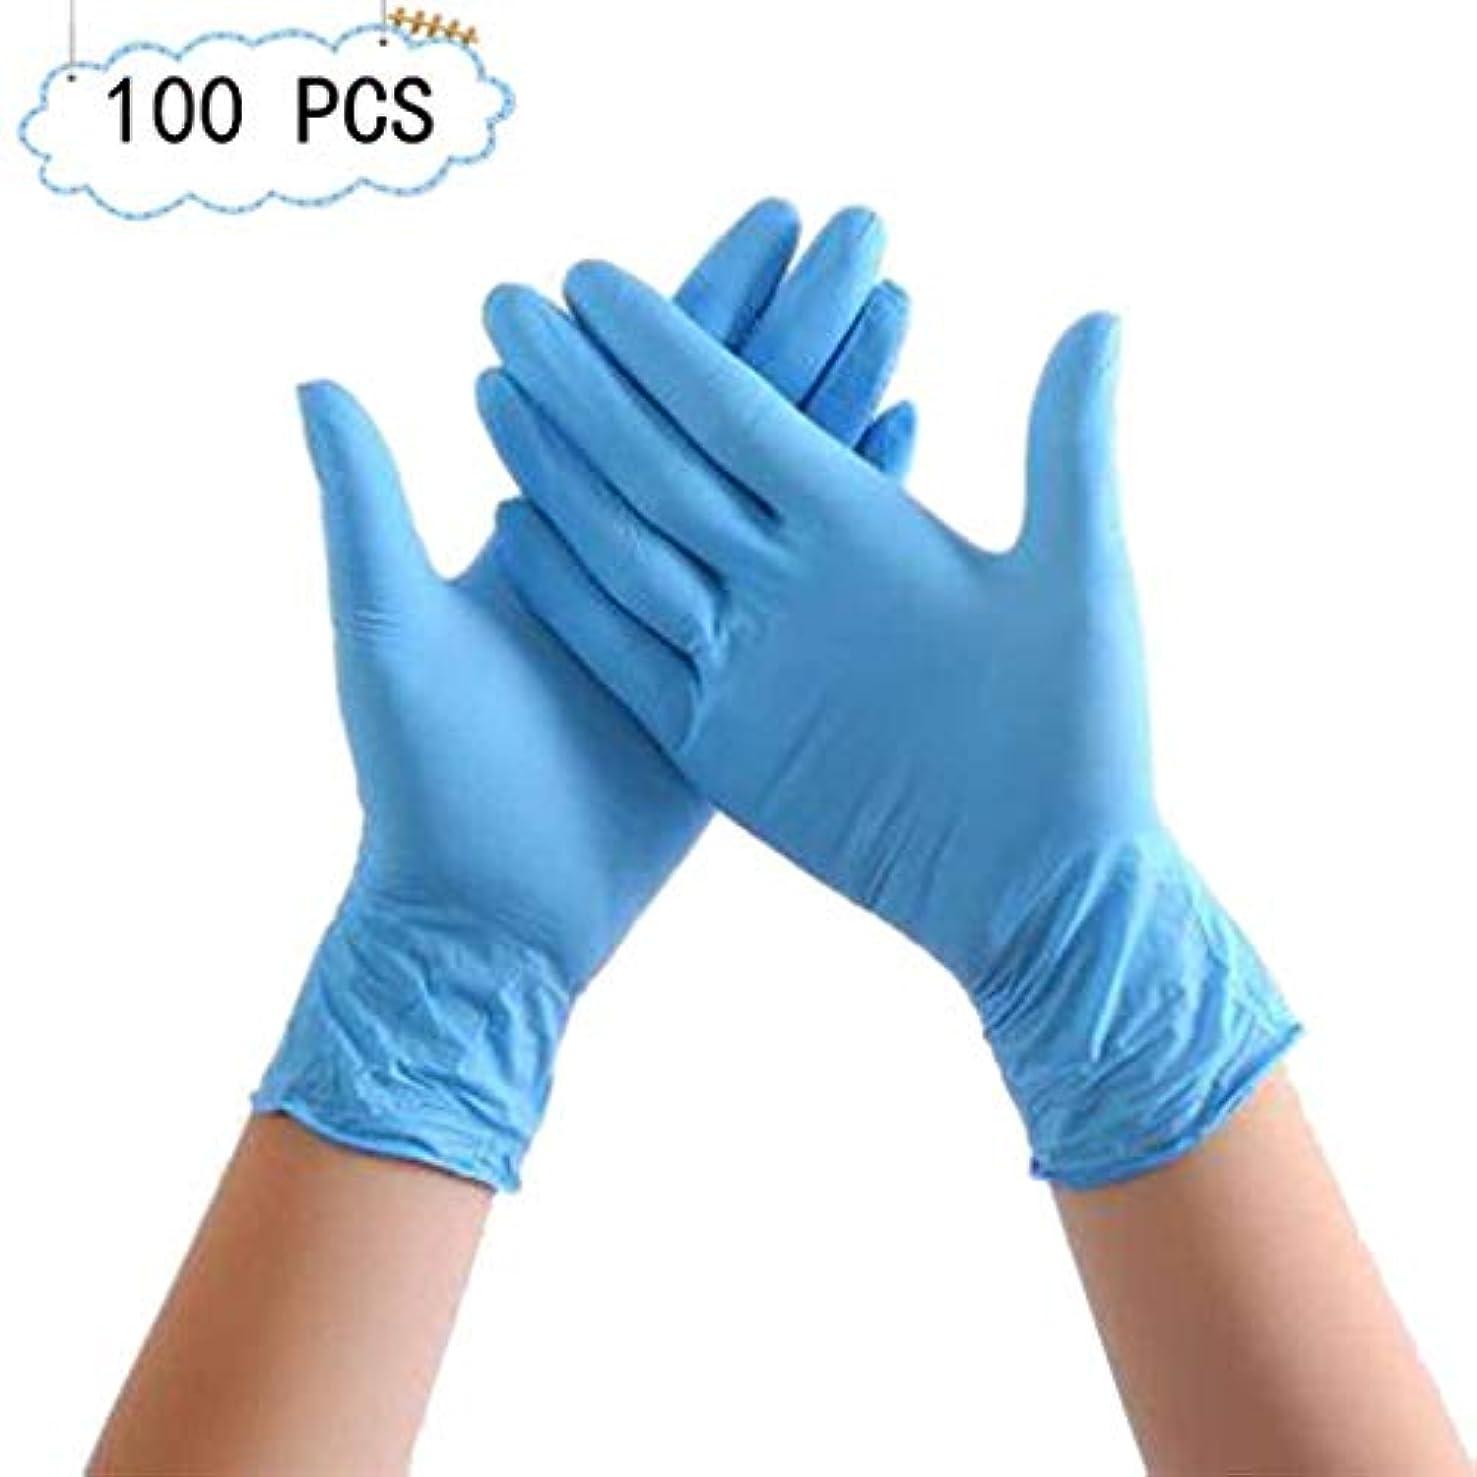 器具乱闘コントラストニトリル手袋手袋9インチネイルアート検査保護実験、美容院ラテックスフリー、パウダーフリー、100個 (Color : Blue, Size : L)